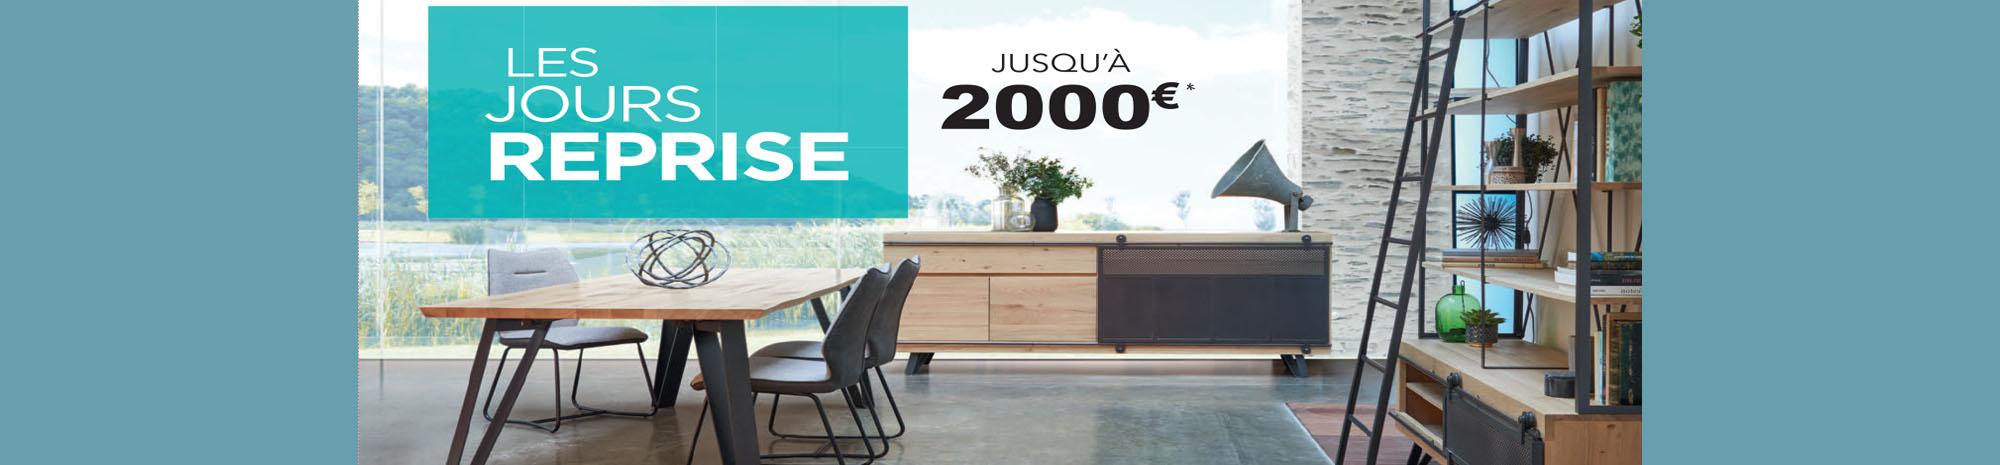 Reprise meuble jusqu'à 2000€